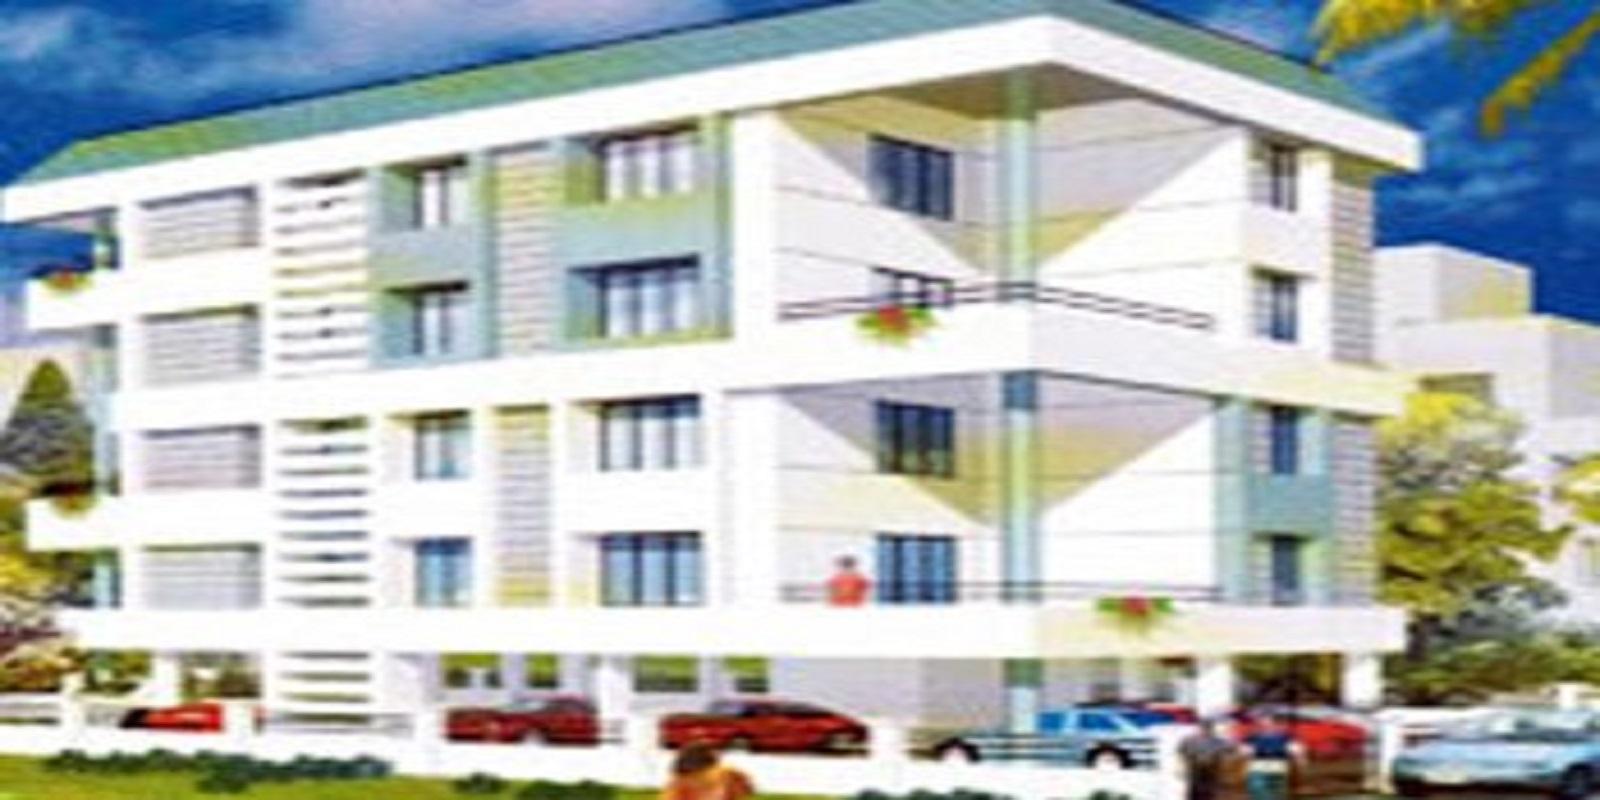 runwal sarita project project large image1